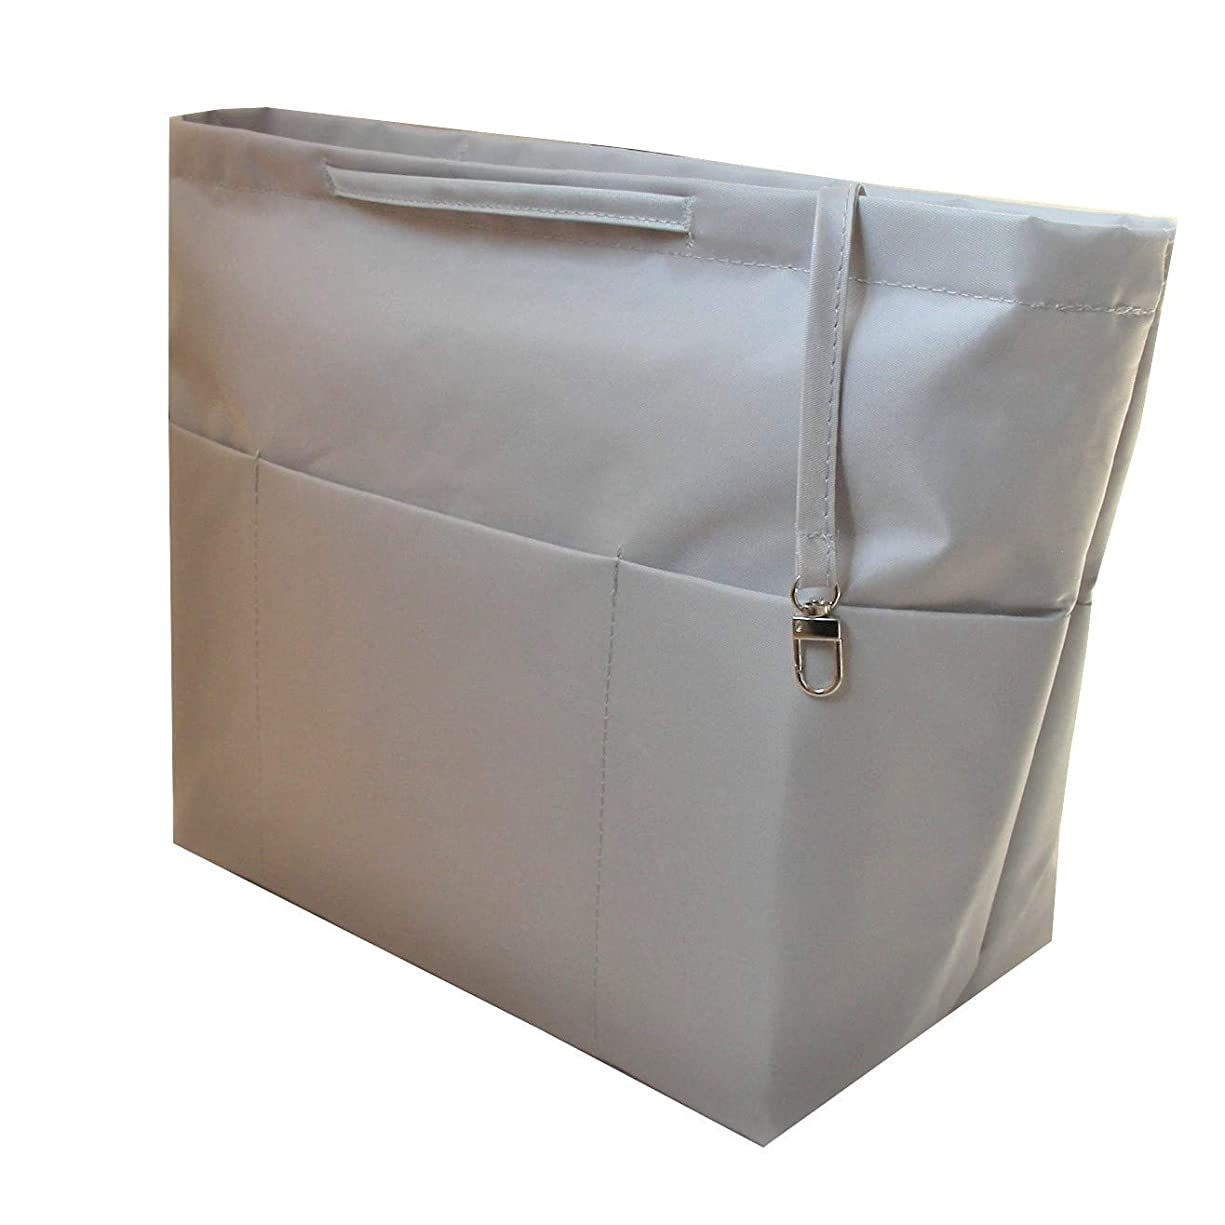 今コモランマ正当なSumnacon バッグインバッグ インナーバッグ リュック バッグイン トラベルポーチ 化粧ポーチ 大容量 収納バッグ 小物整理 収納力抜群 キャンプ 旅行 出勤